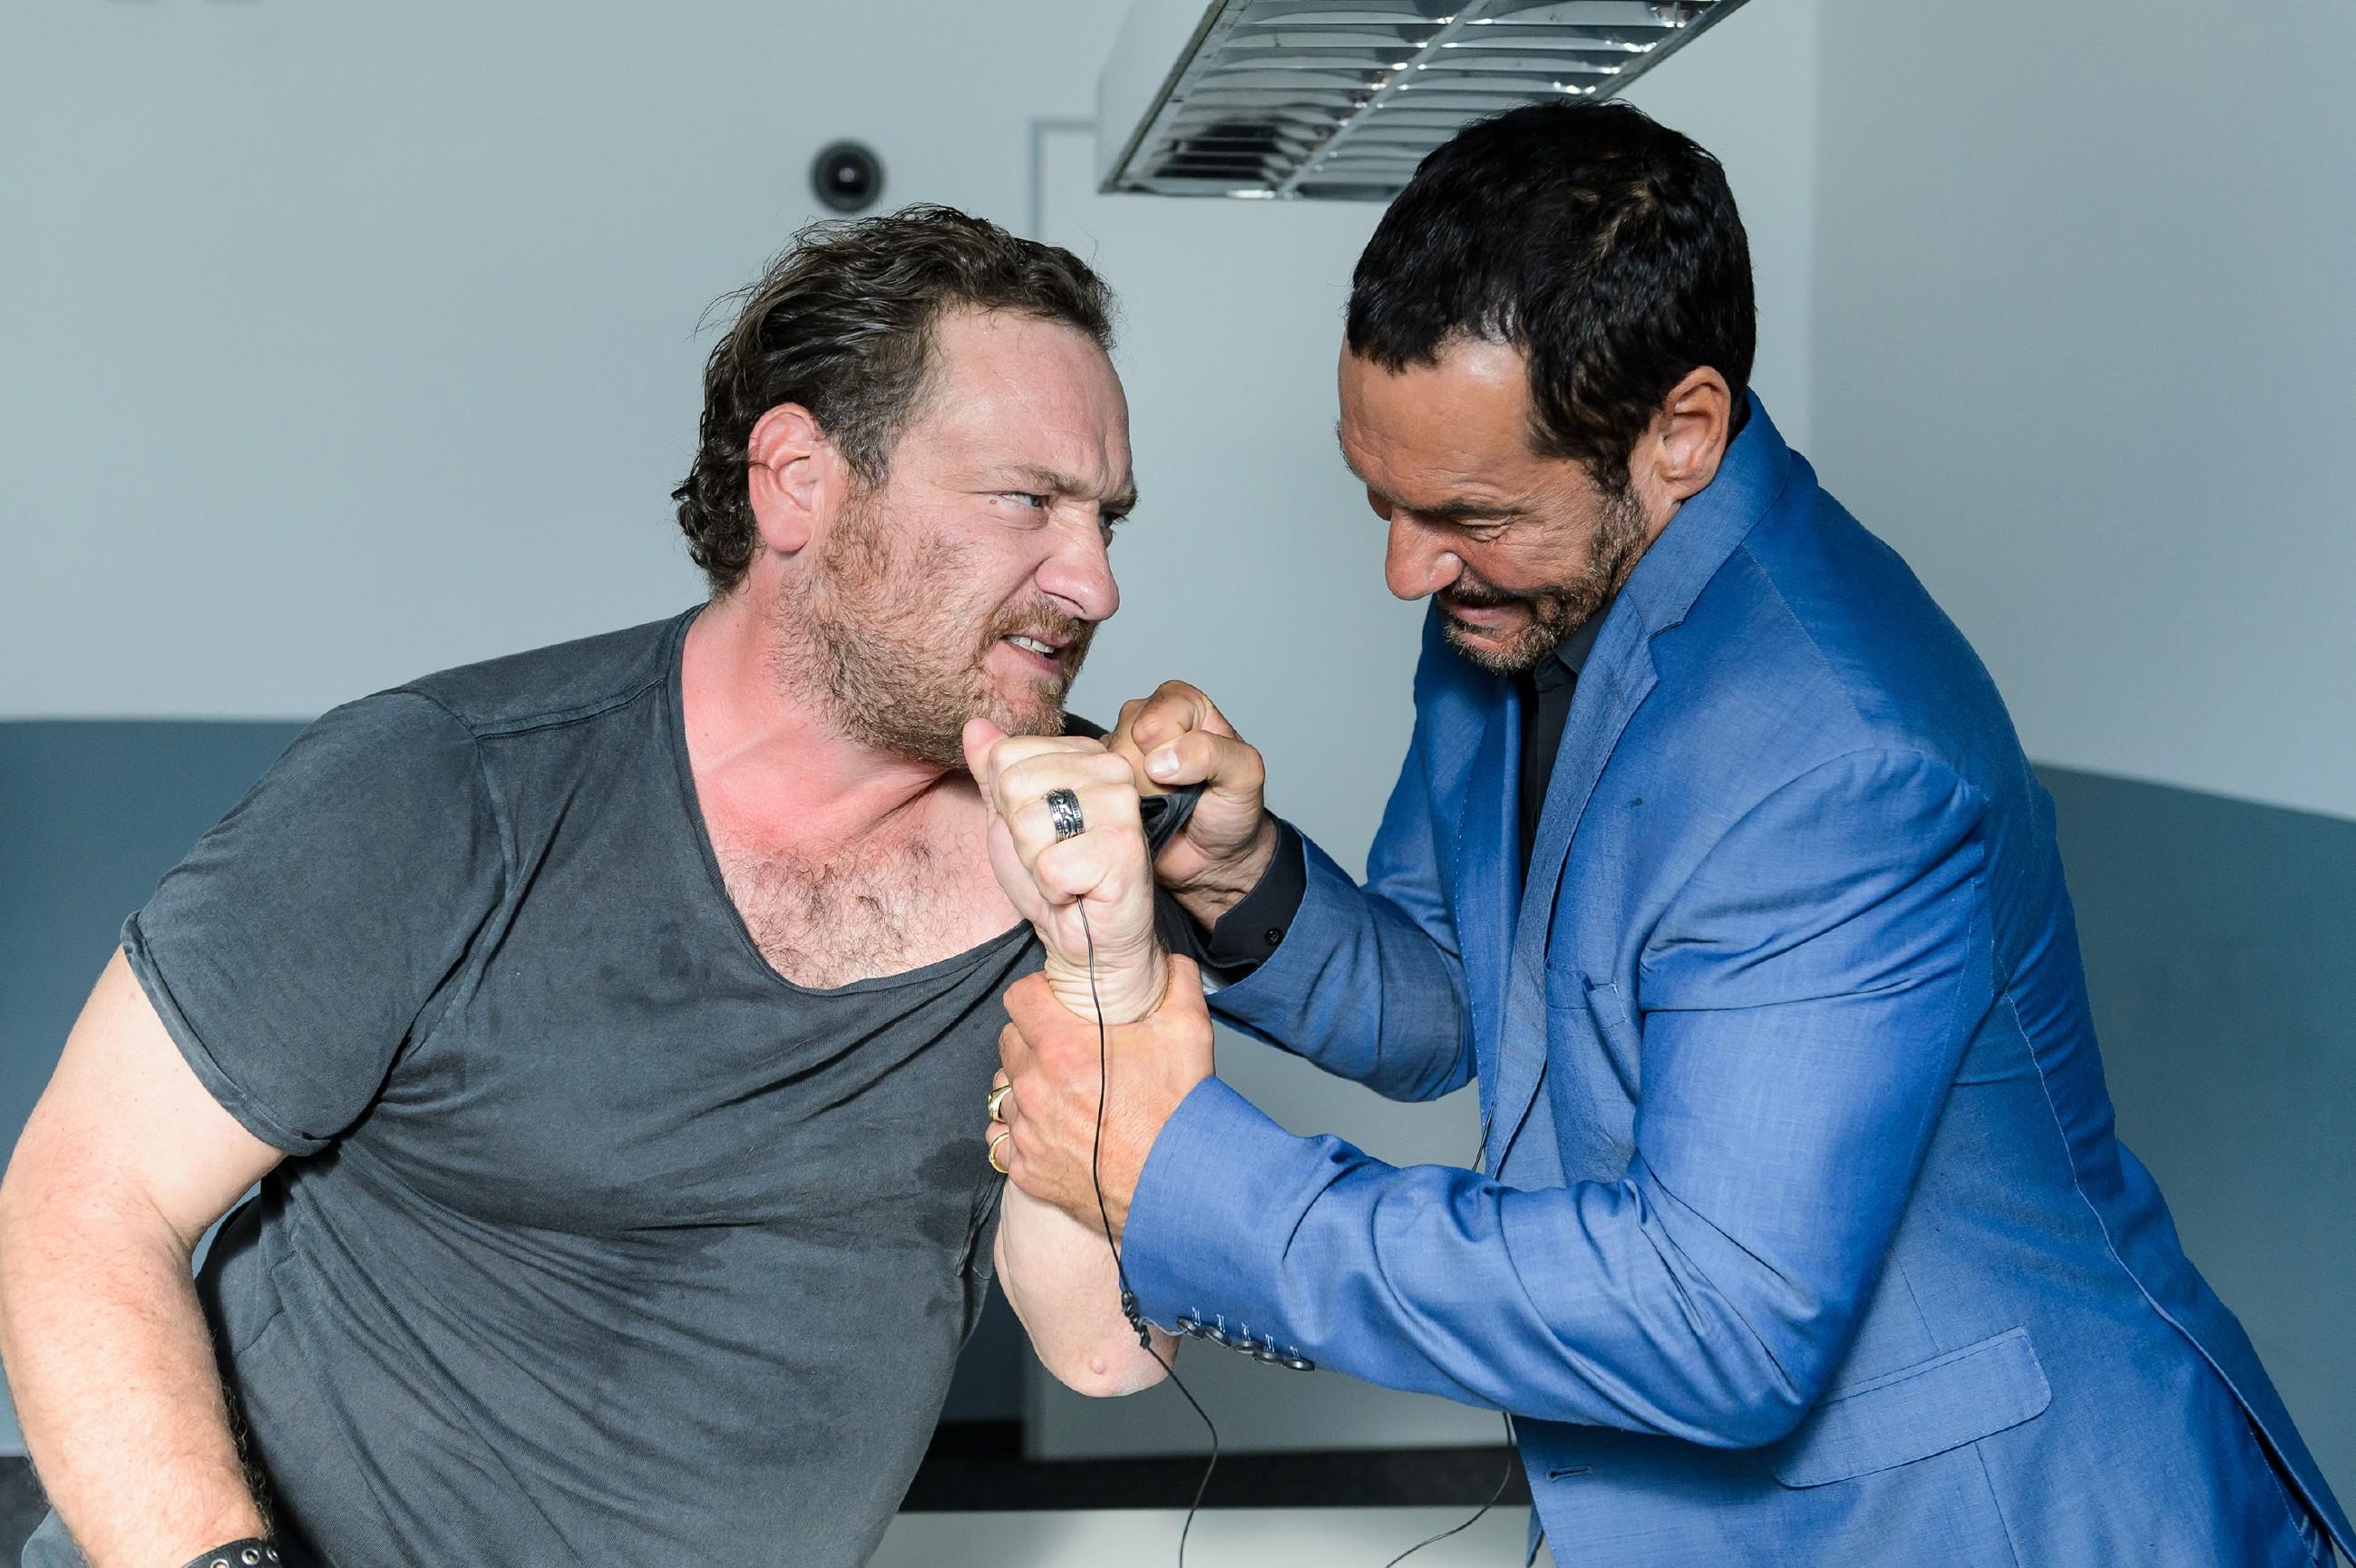 Der von der Polizei verkabelte Richard (Silvan-Pierre Leirich, r.) lässt sich von Kerber (Marcus Jakovljevic) bei einem vorgetäuschten Streit das Mikrofon entreißen, um mit ihm die Details des Waffendeals zu besprechen. (Quelle: RTL / Willi Weber)